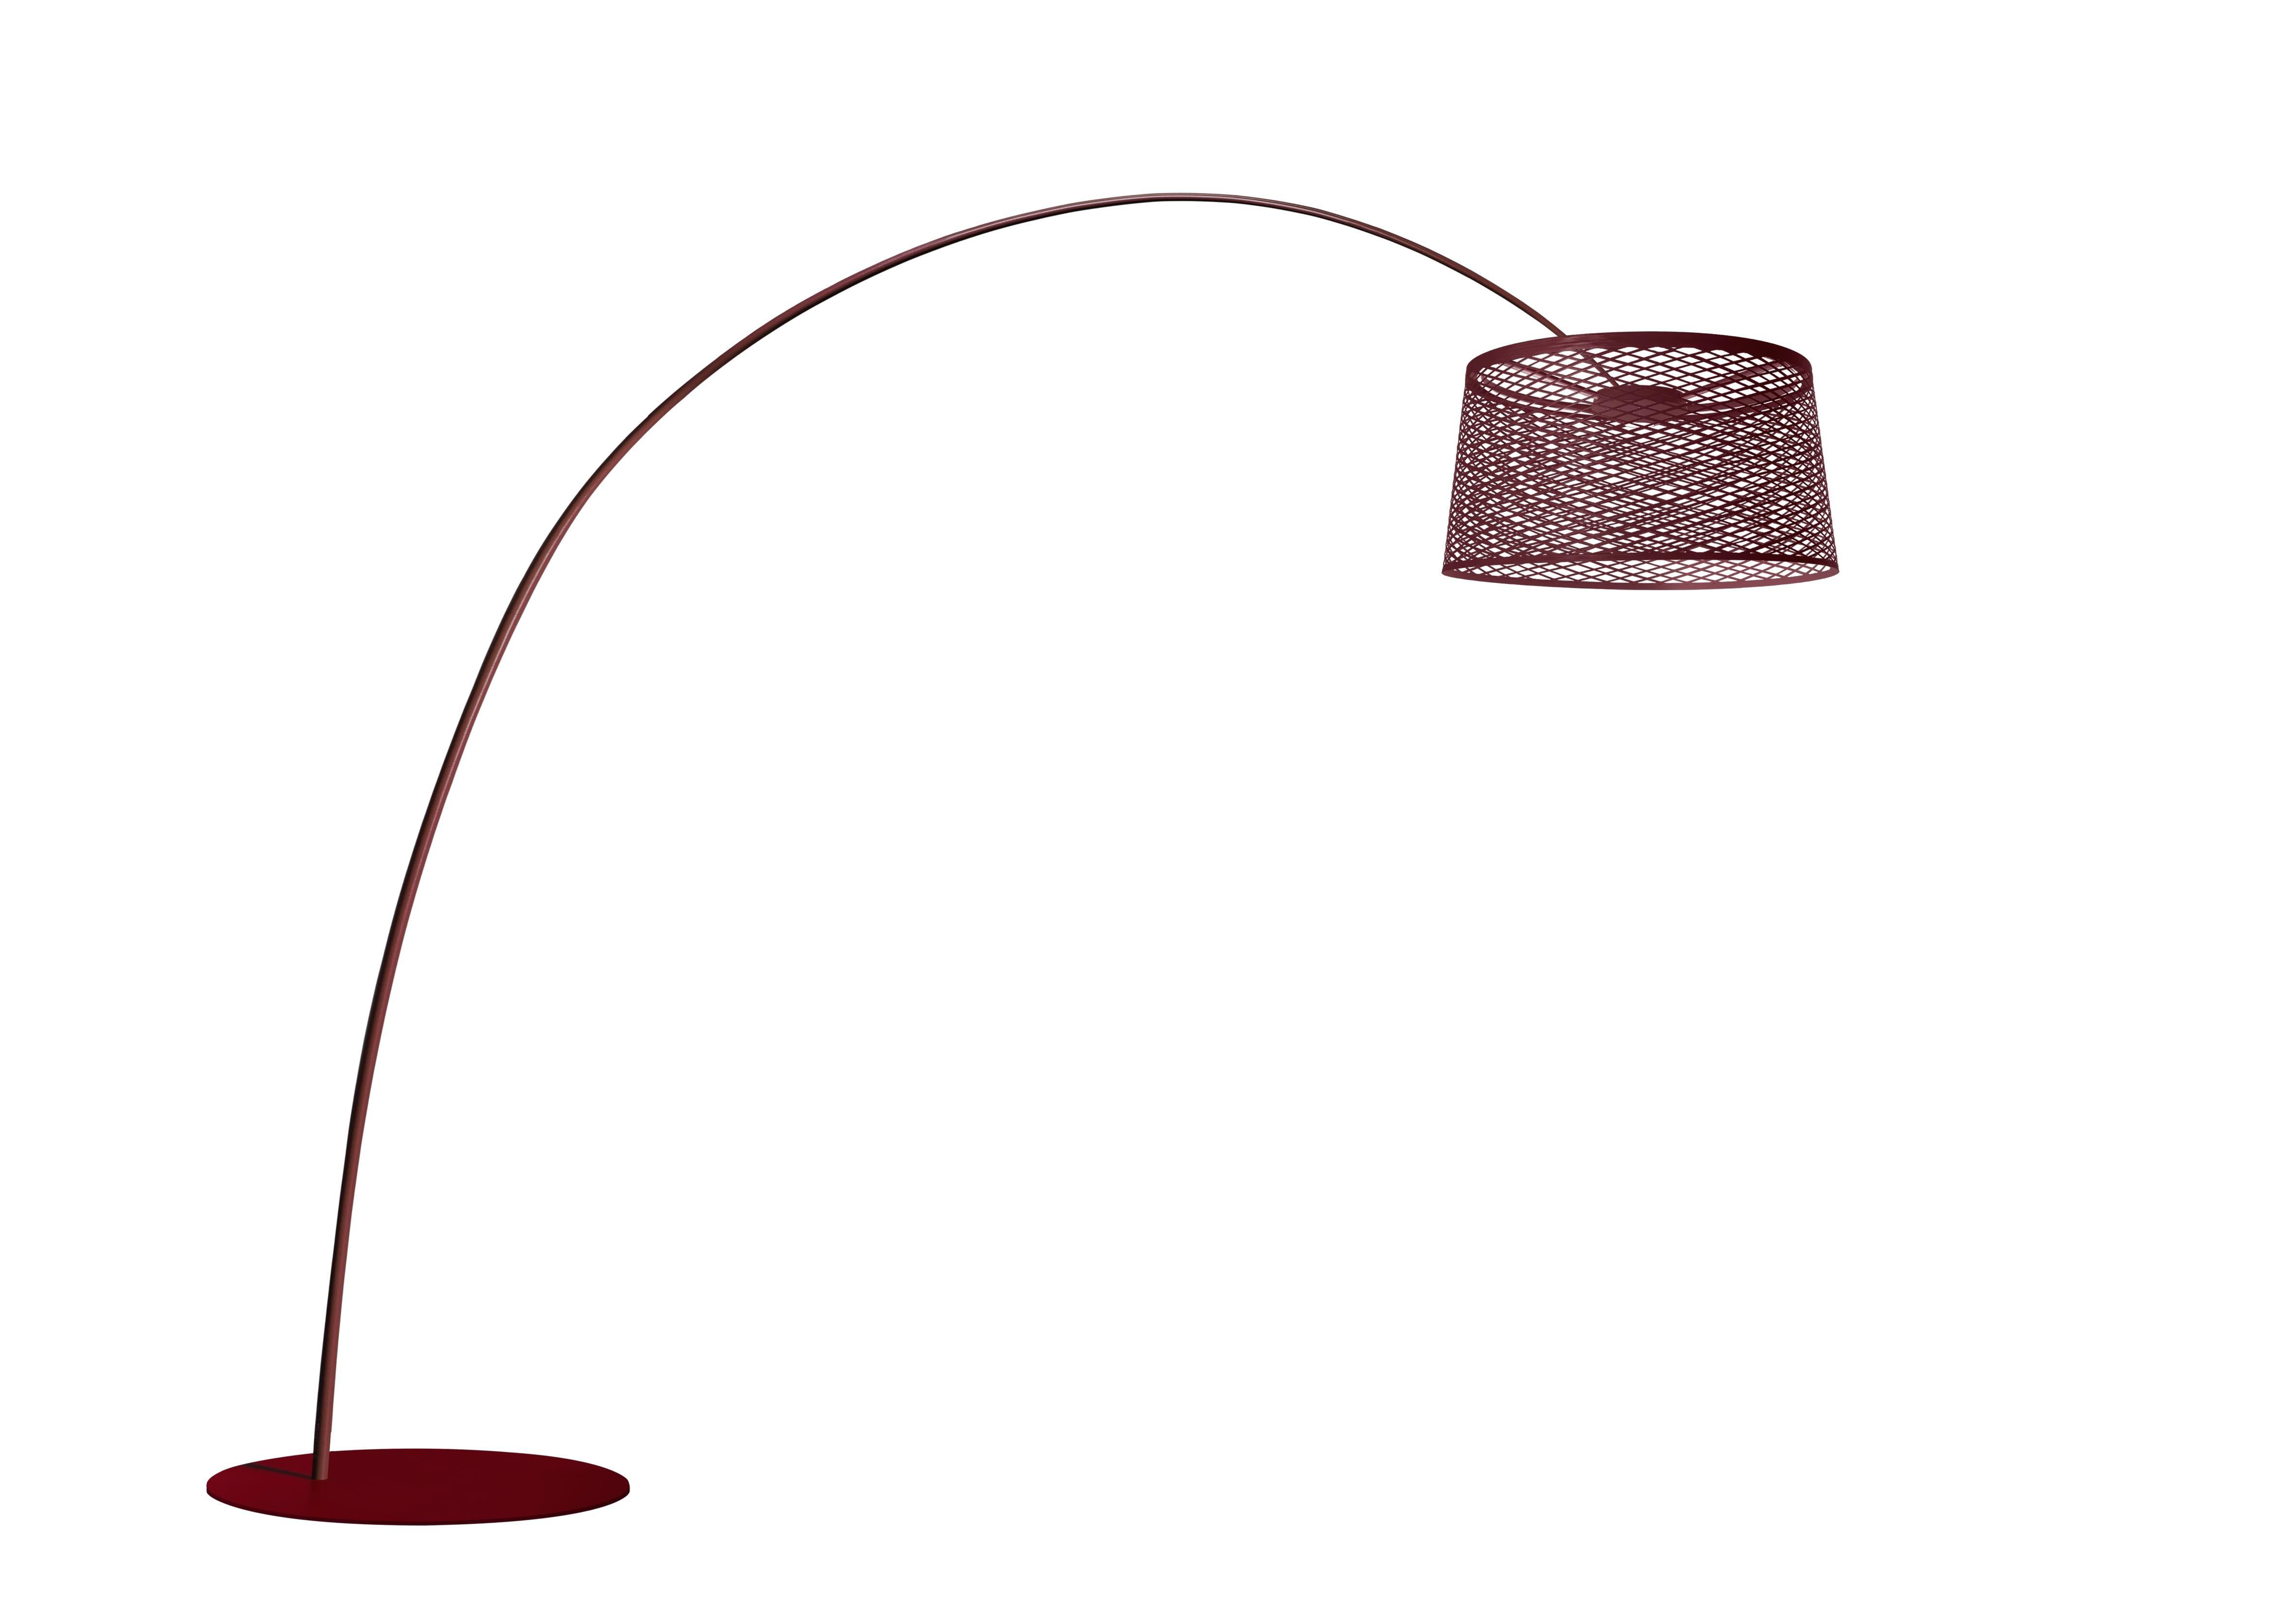 Foscarini Twice as Twiggy lamp